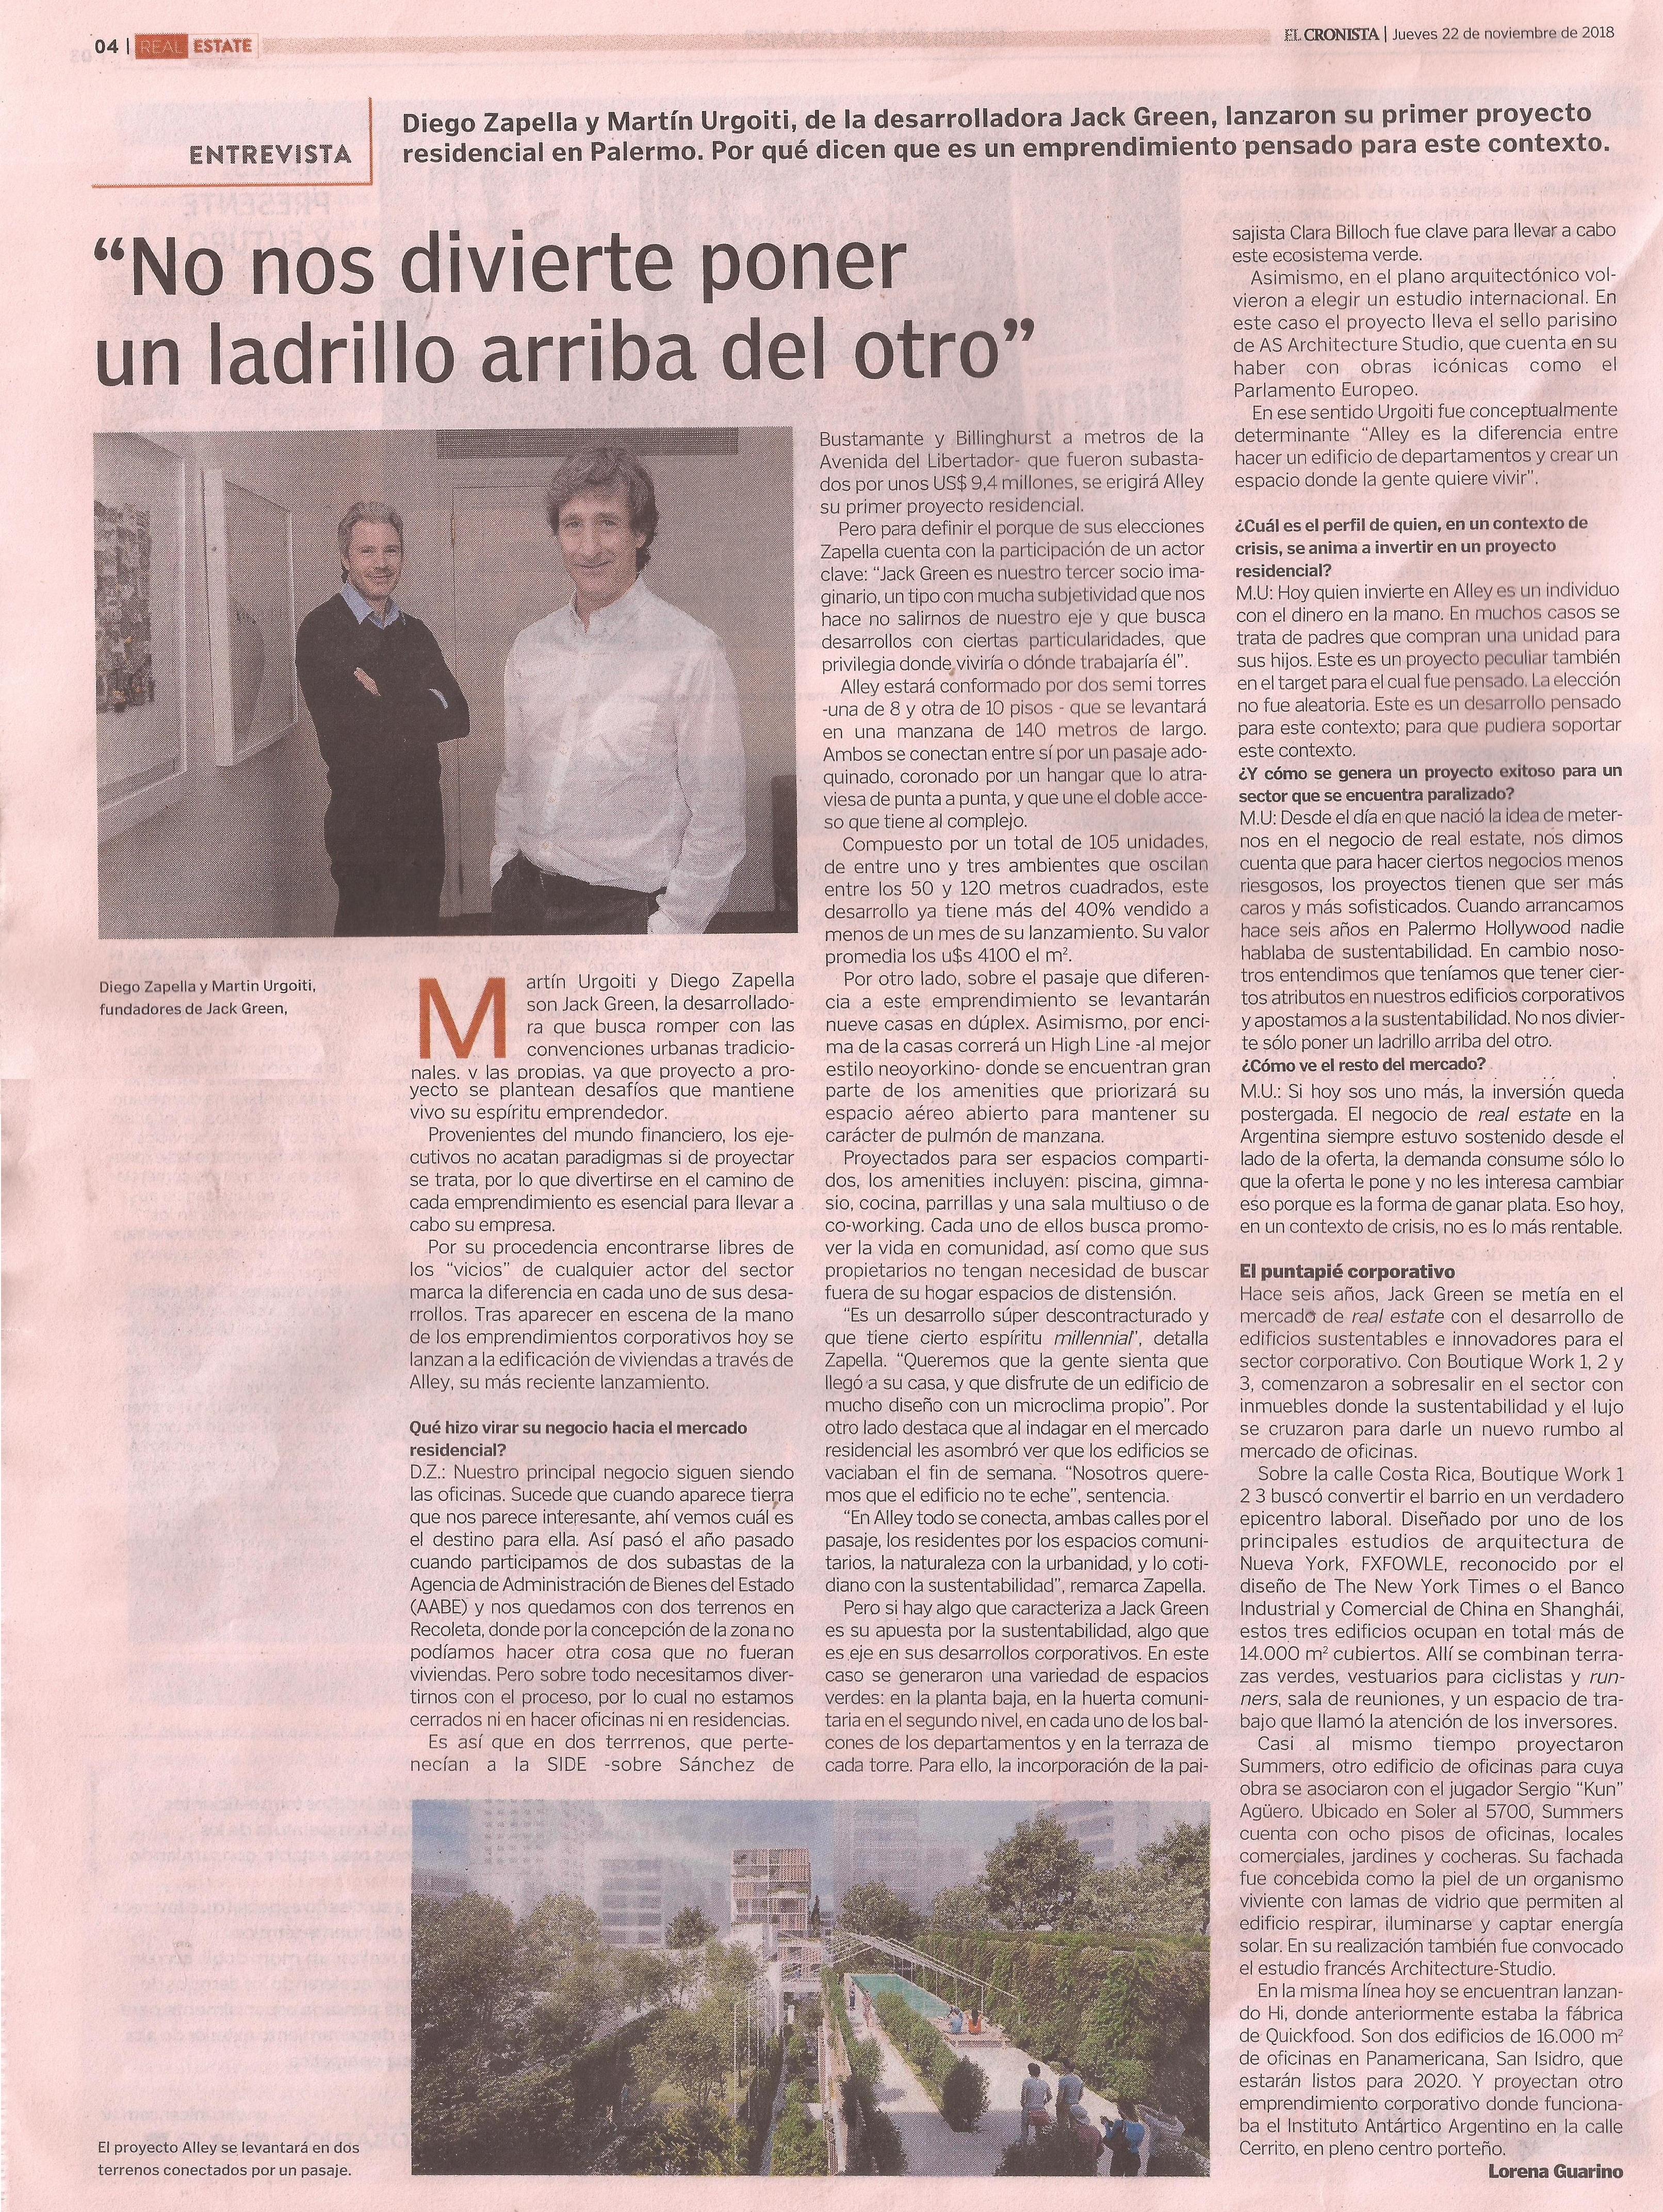 22-11-2018- Diario El Cronista, Suplemento Real Estate - No nos divierte poner un ladrillo arriba del otro